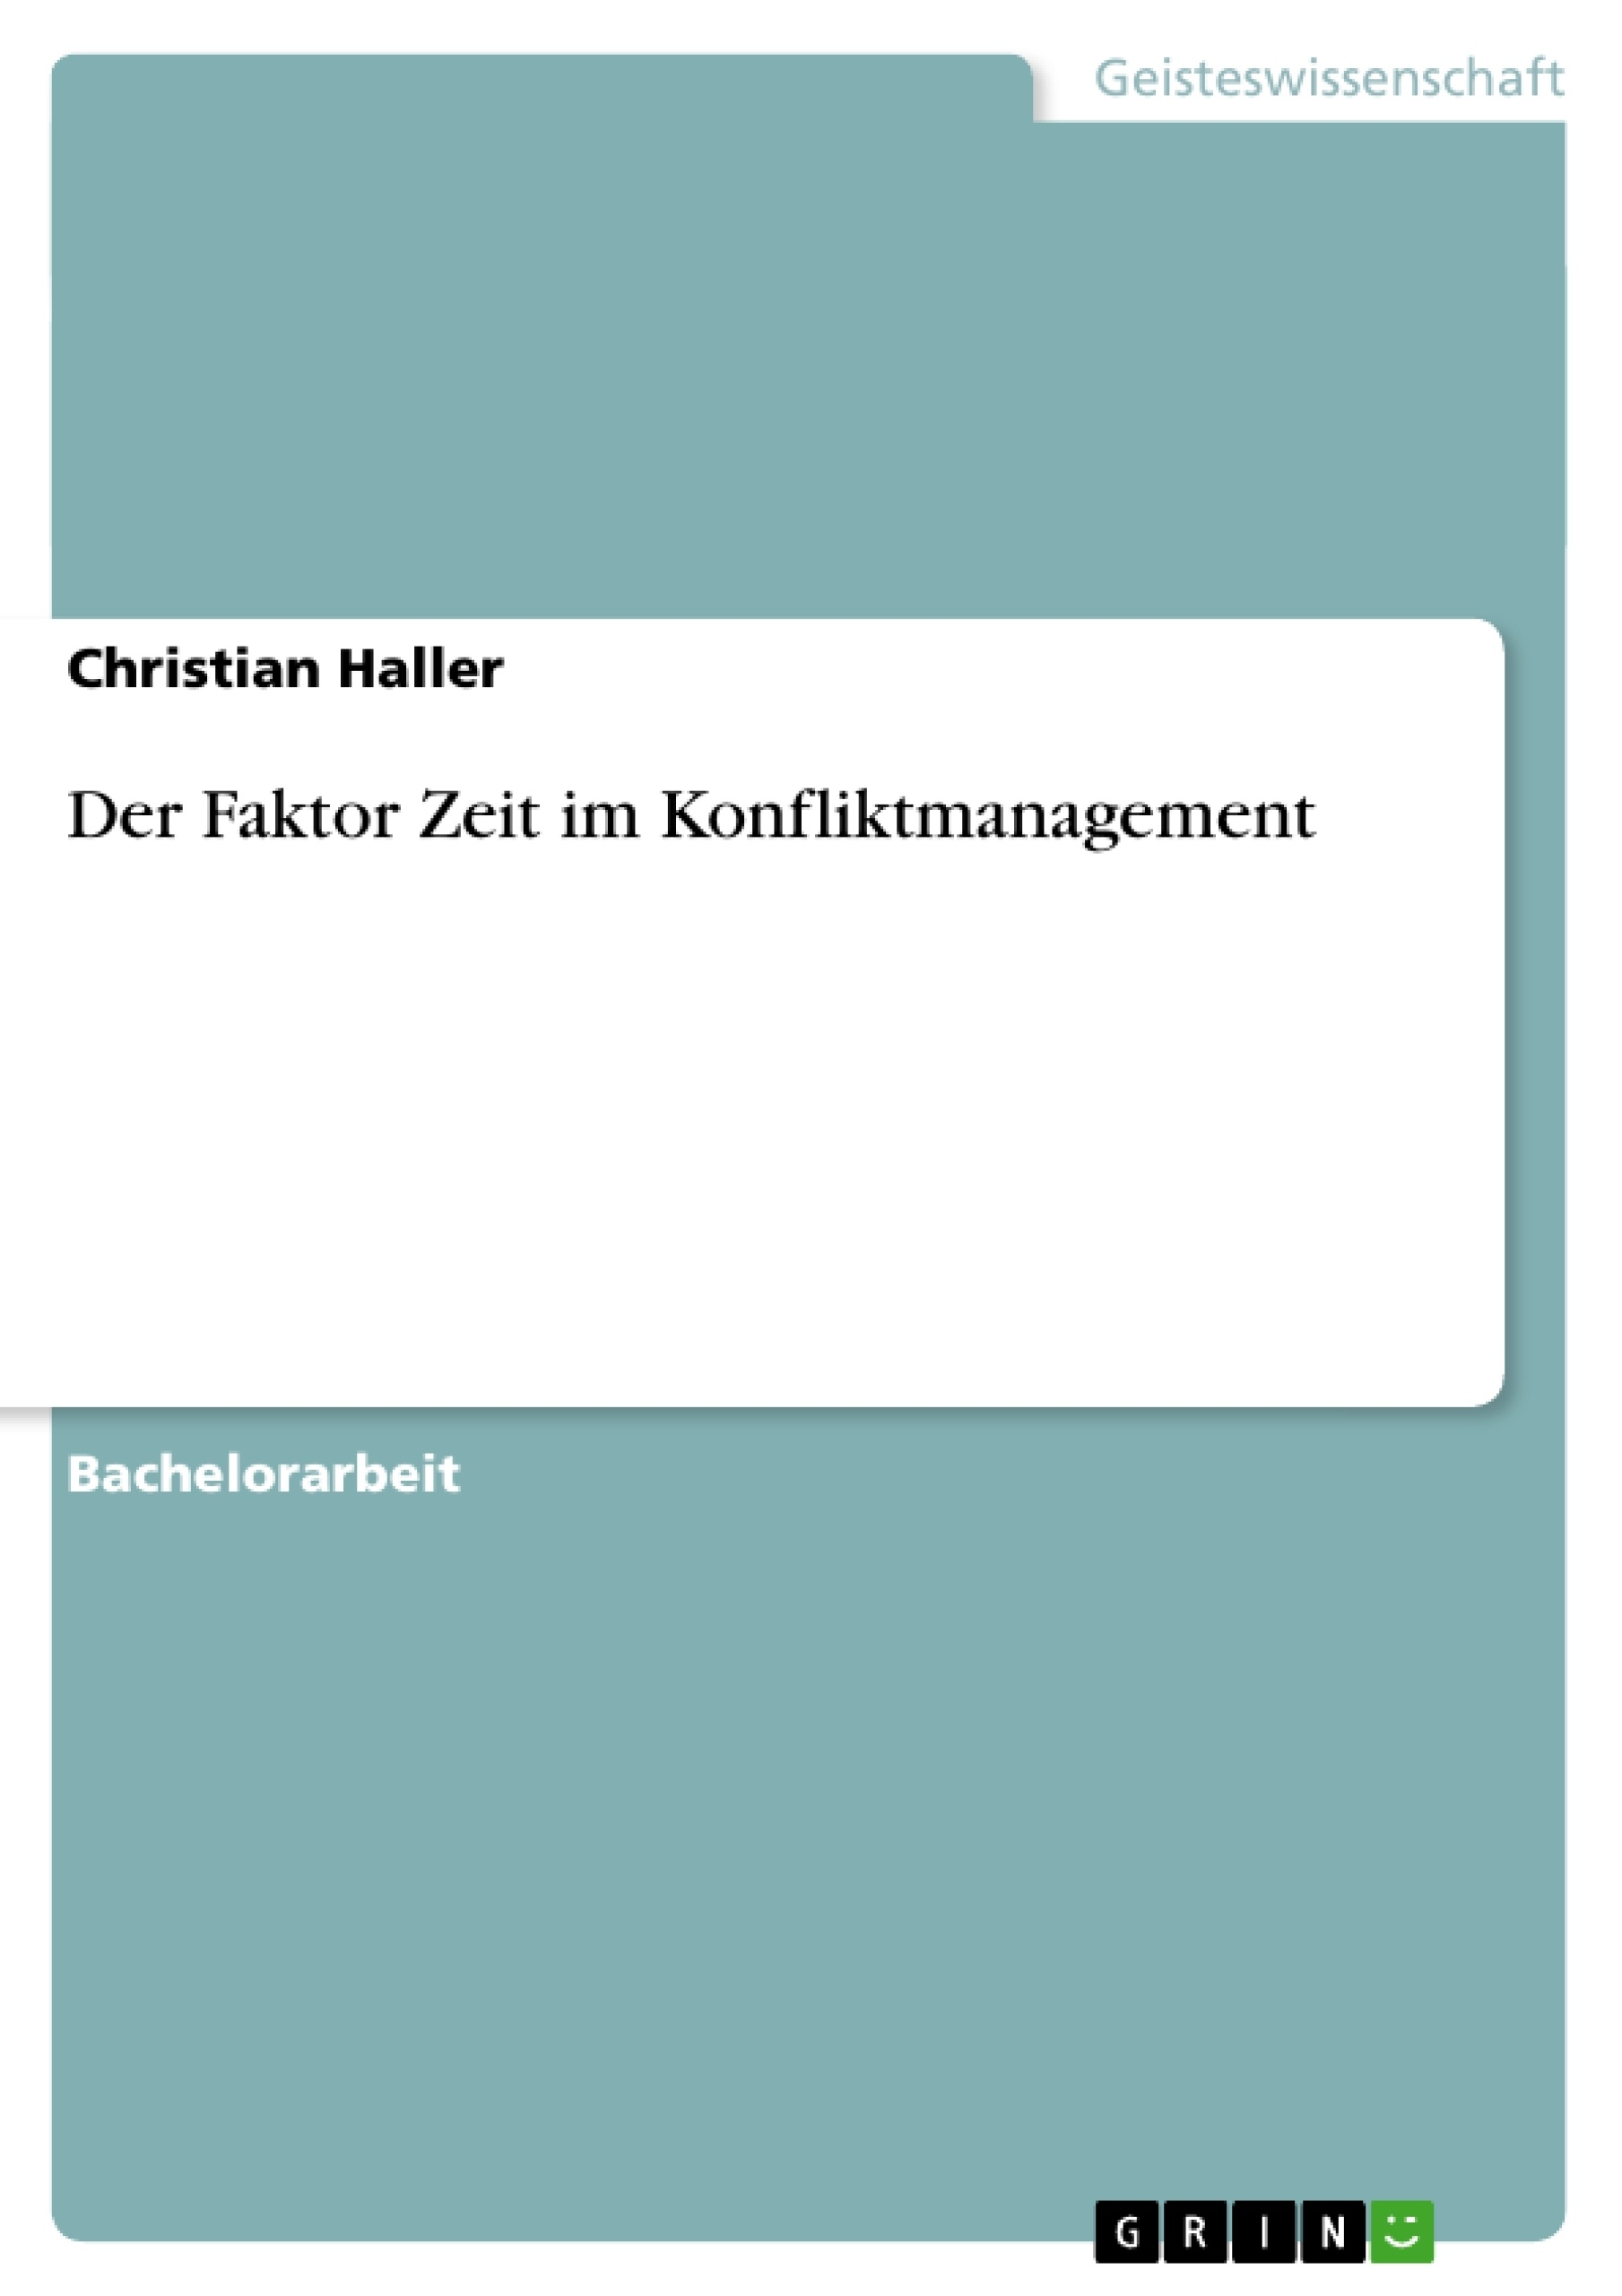 Der Faktor Zeit im Konfliktmanagement | Masterarbeit, Hausarbeit ...